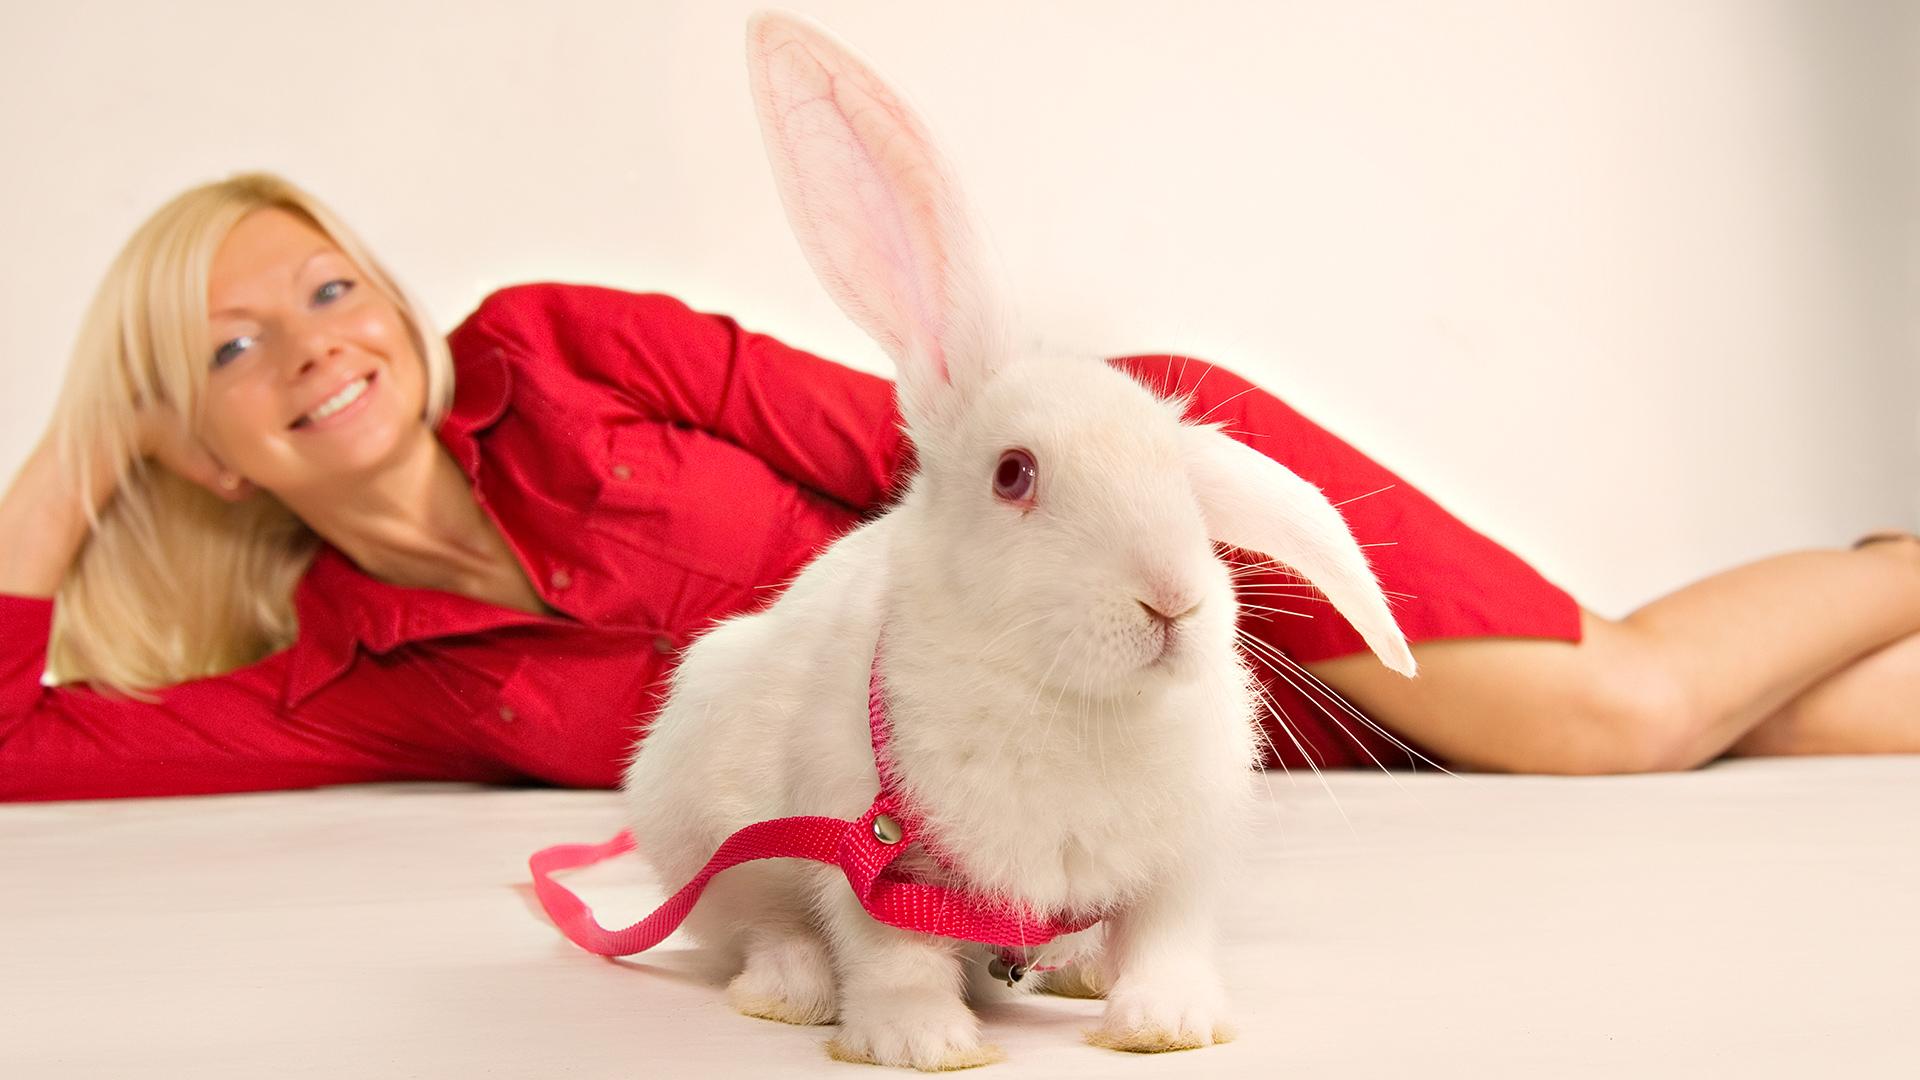 Мультяшная девушка и кролик